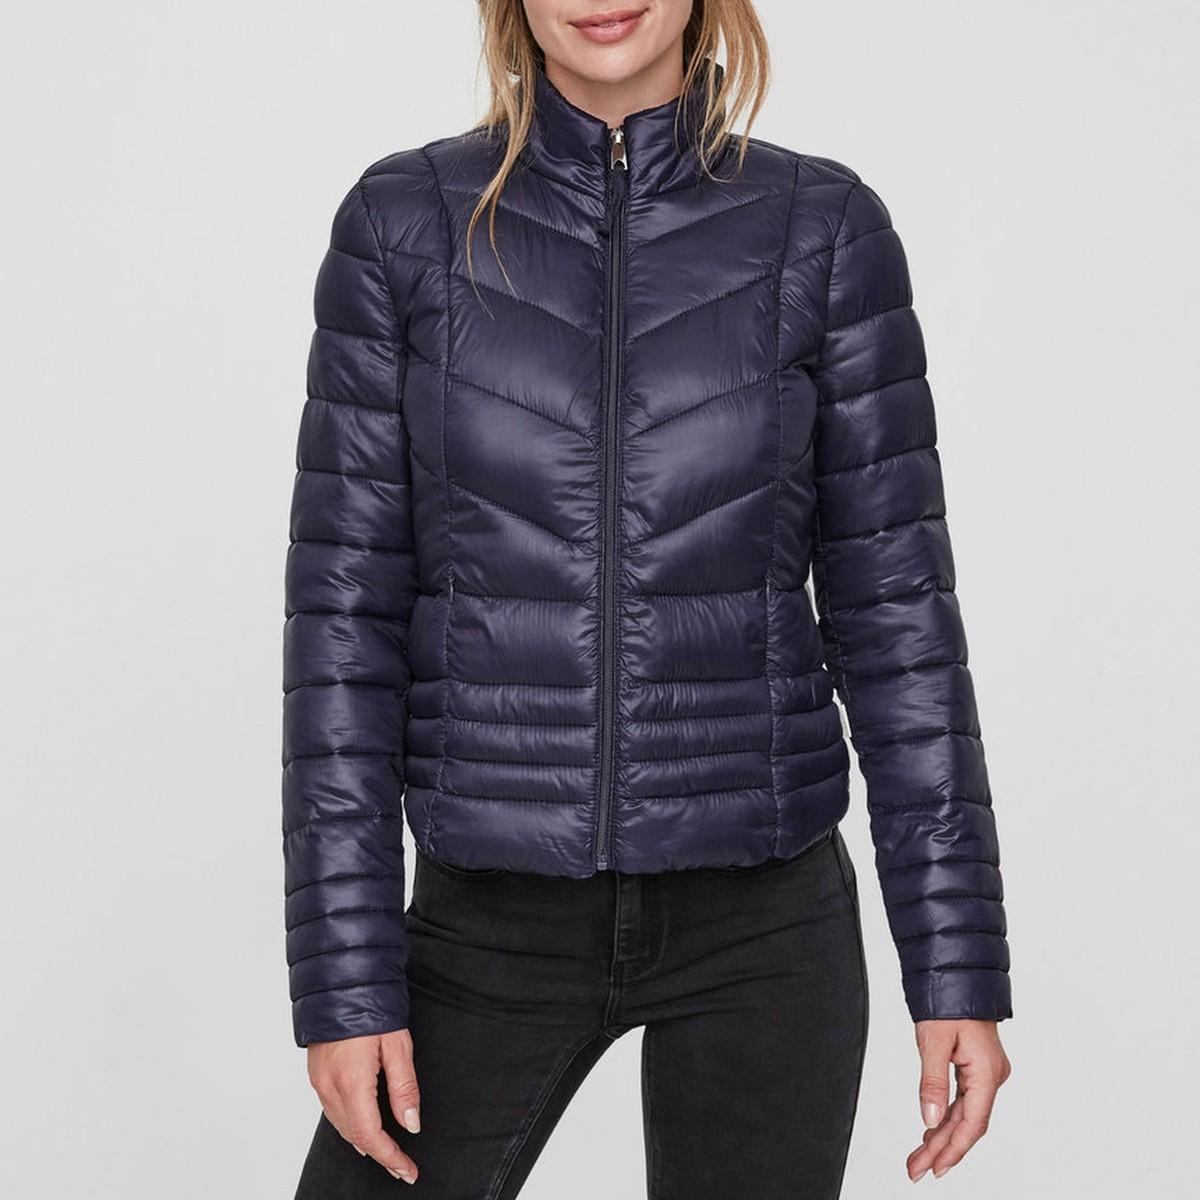 Куртка  синий морской,хаки,черный цвета